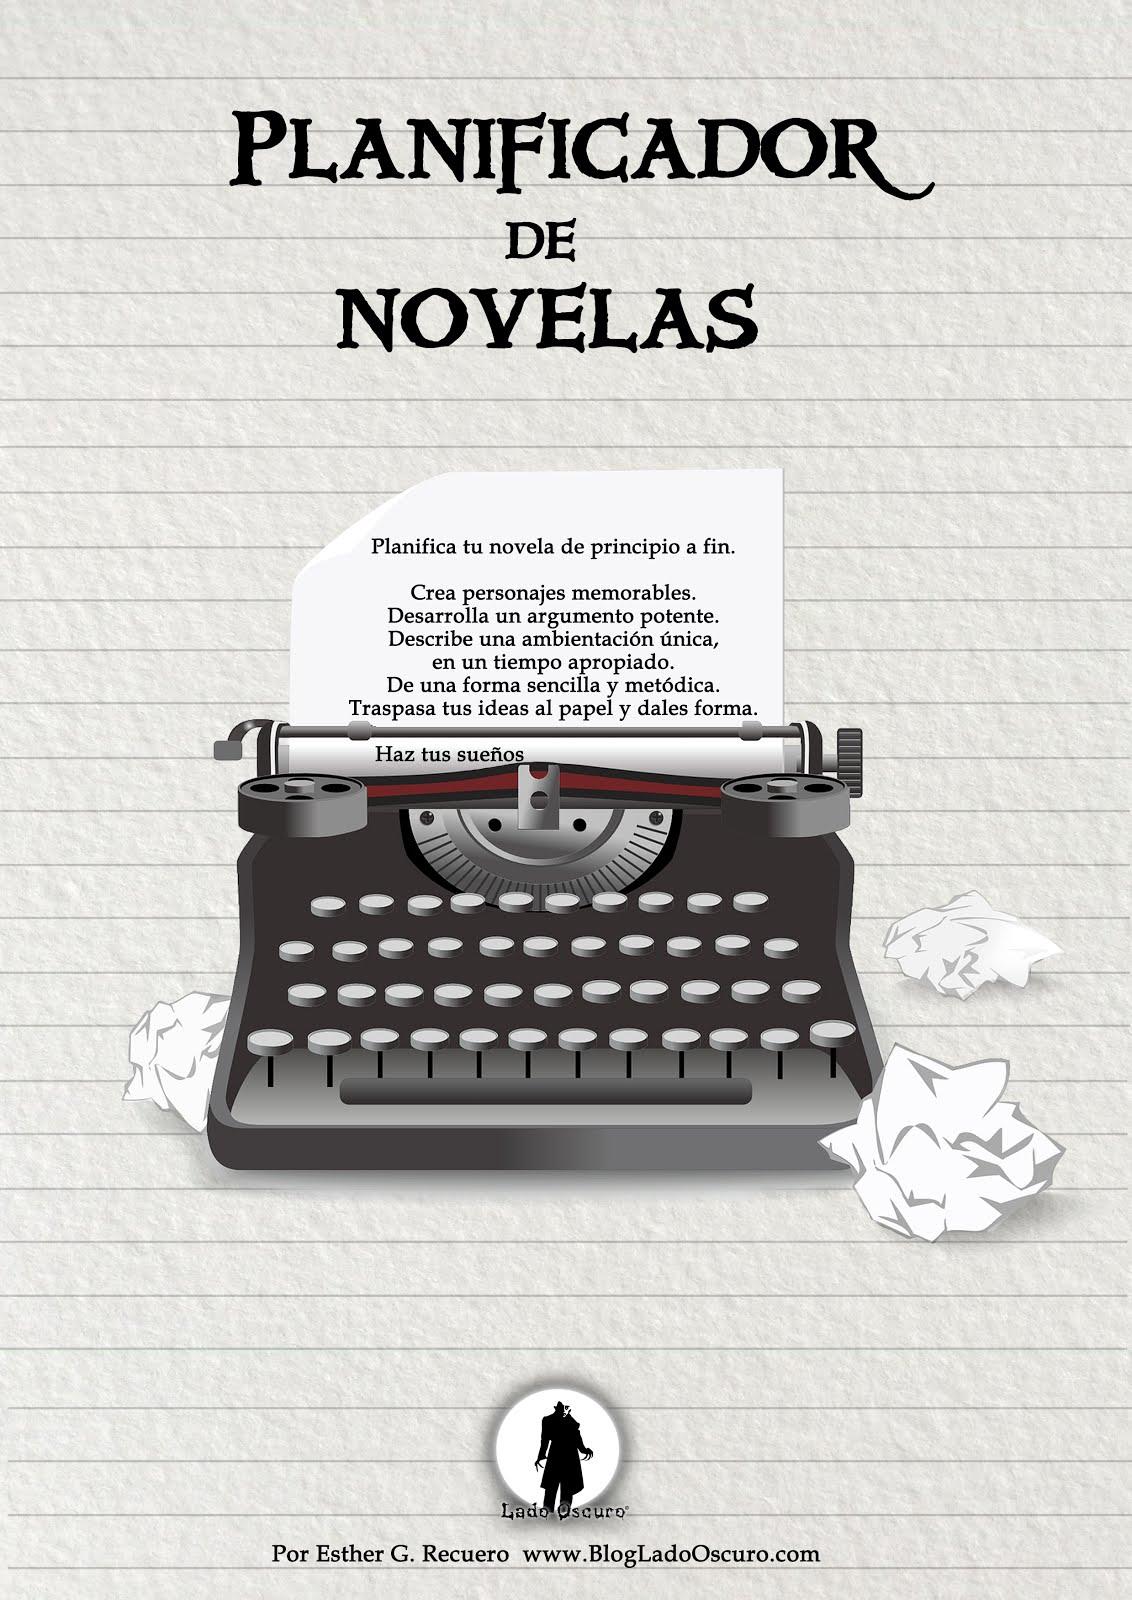 Planificador de novelas